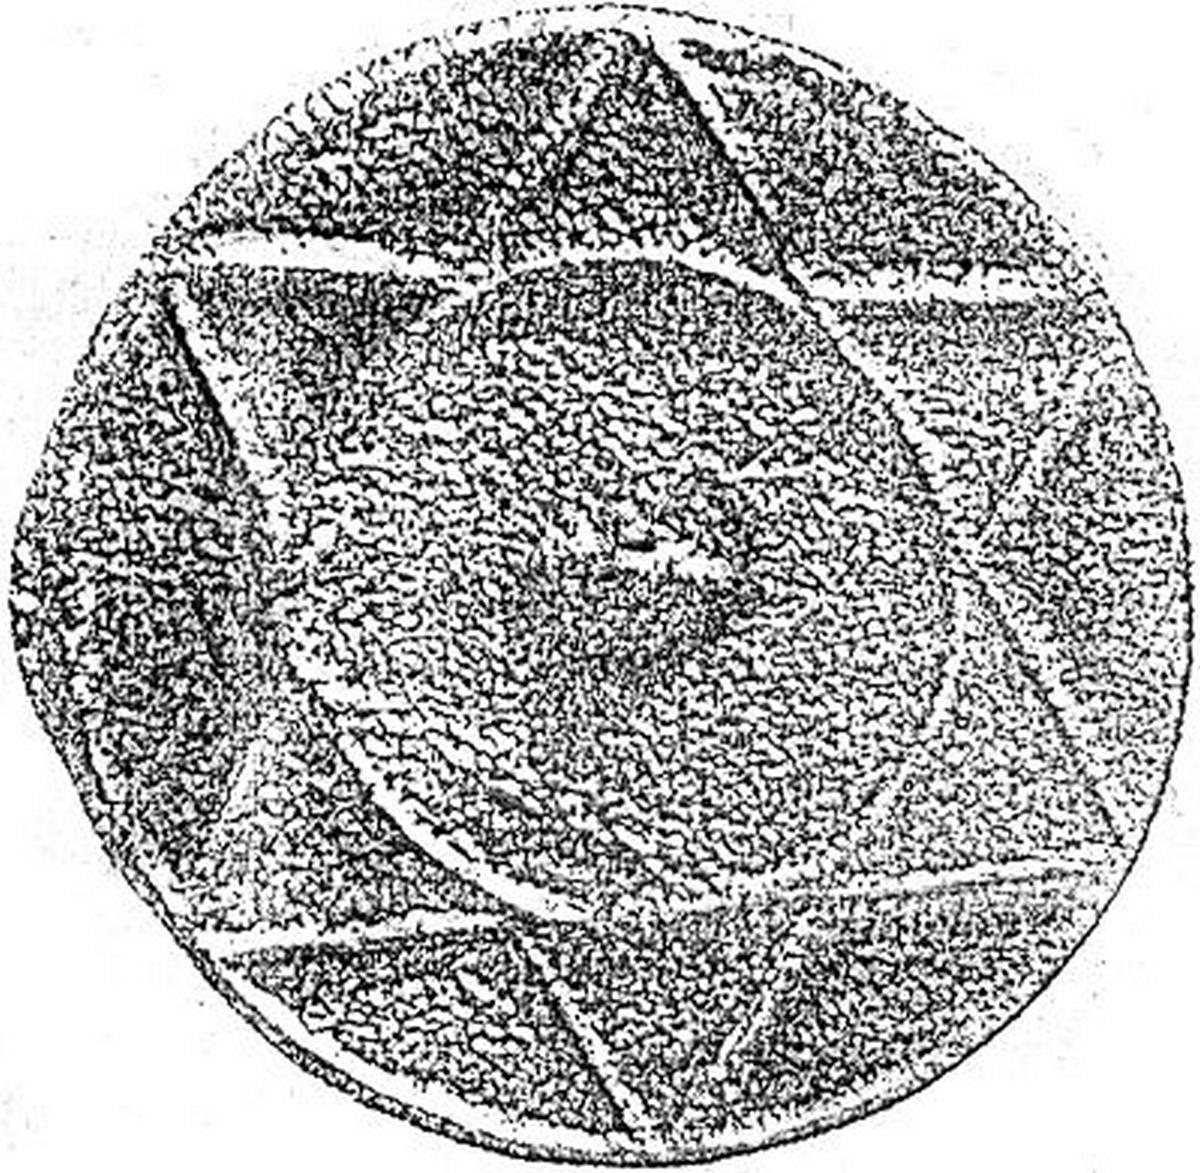 Sceau découvert lors des fouilles sur les sites khazars. Cependant, plutôt que d'avoir été fabriqués par des Juifs, ceux-ci semblent être des disques solaires chamaniques.